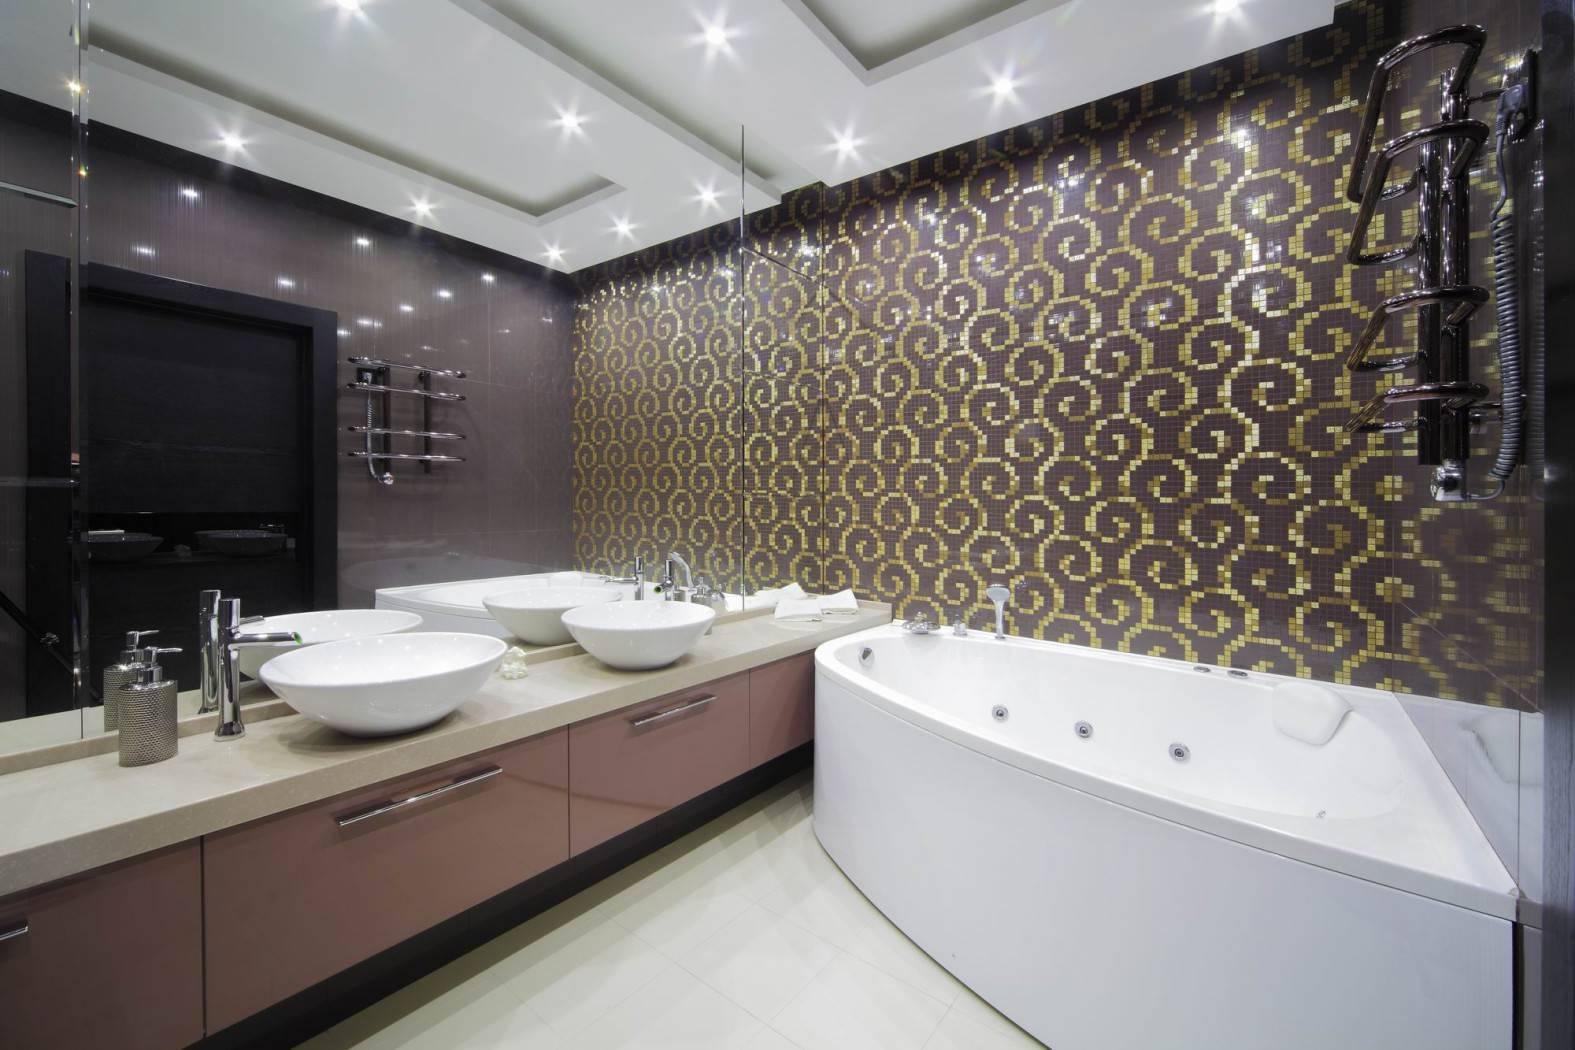 Варианты раскладки плитки в ванной: примеры, сочетания и раскладки, дизайн  - 27 фото